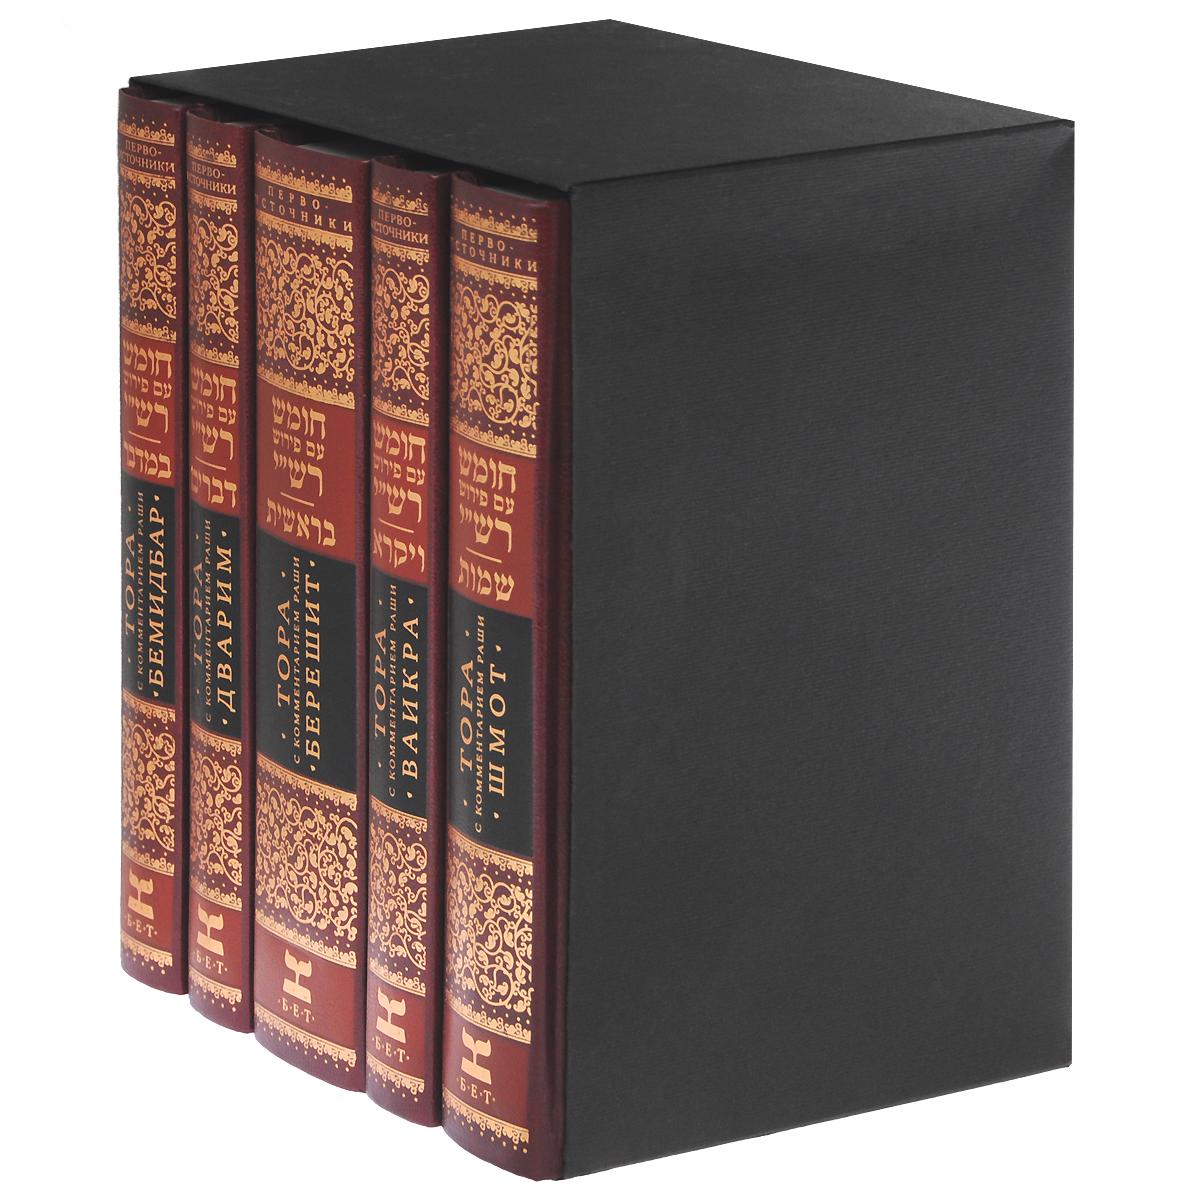 Борух Горин,Ишайя Гиссер Тора с комментариями Раши. В 5 томах (комплект) раши жизнь рабби шломо ицхаки